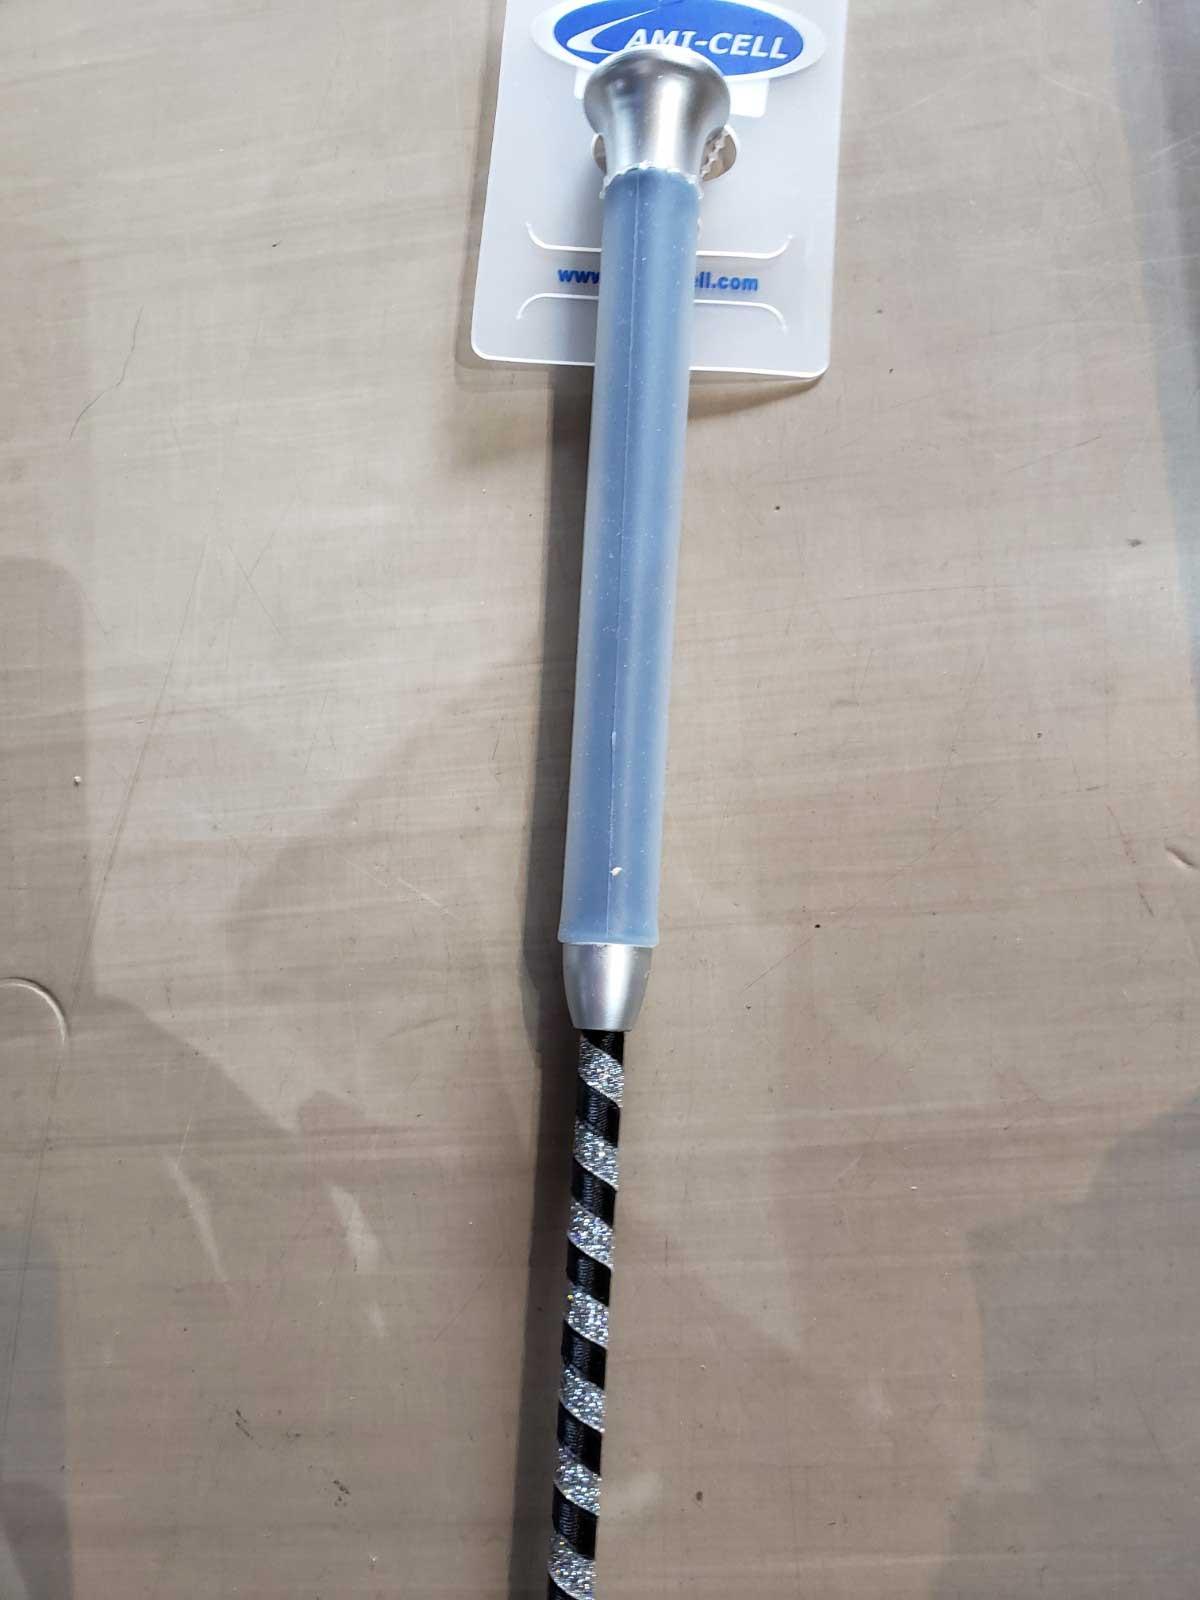 ラミセルゲルハンドル(紺)鞭 シルバーライン